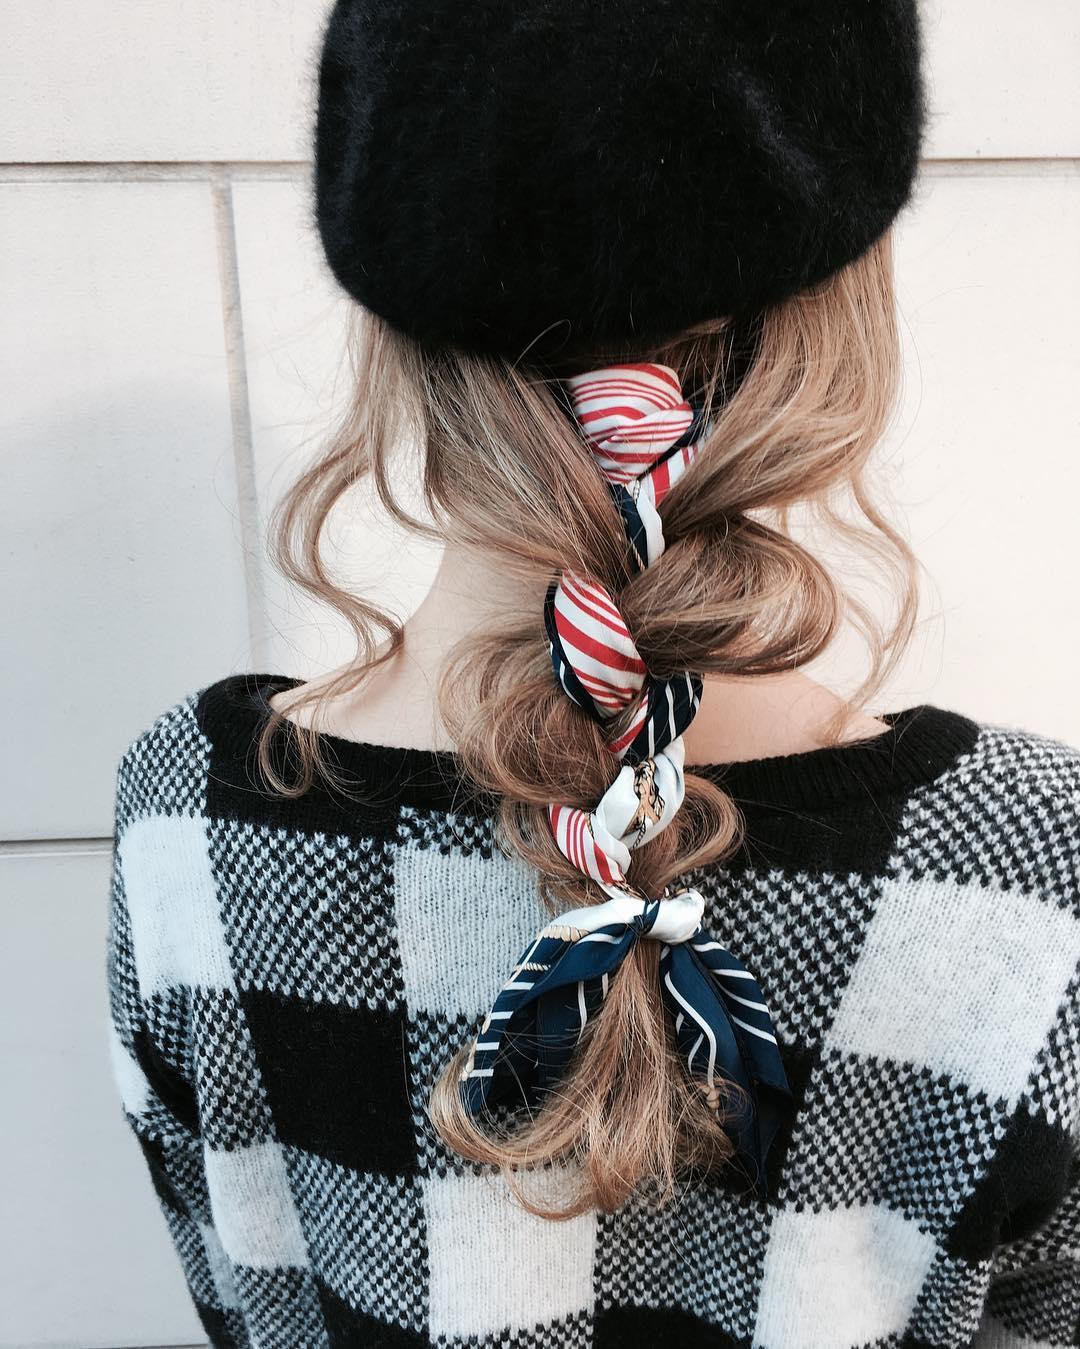 被るだけで可愛い☆ベレー帽に似合うヘアスタイル15選1